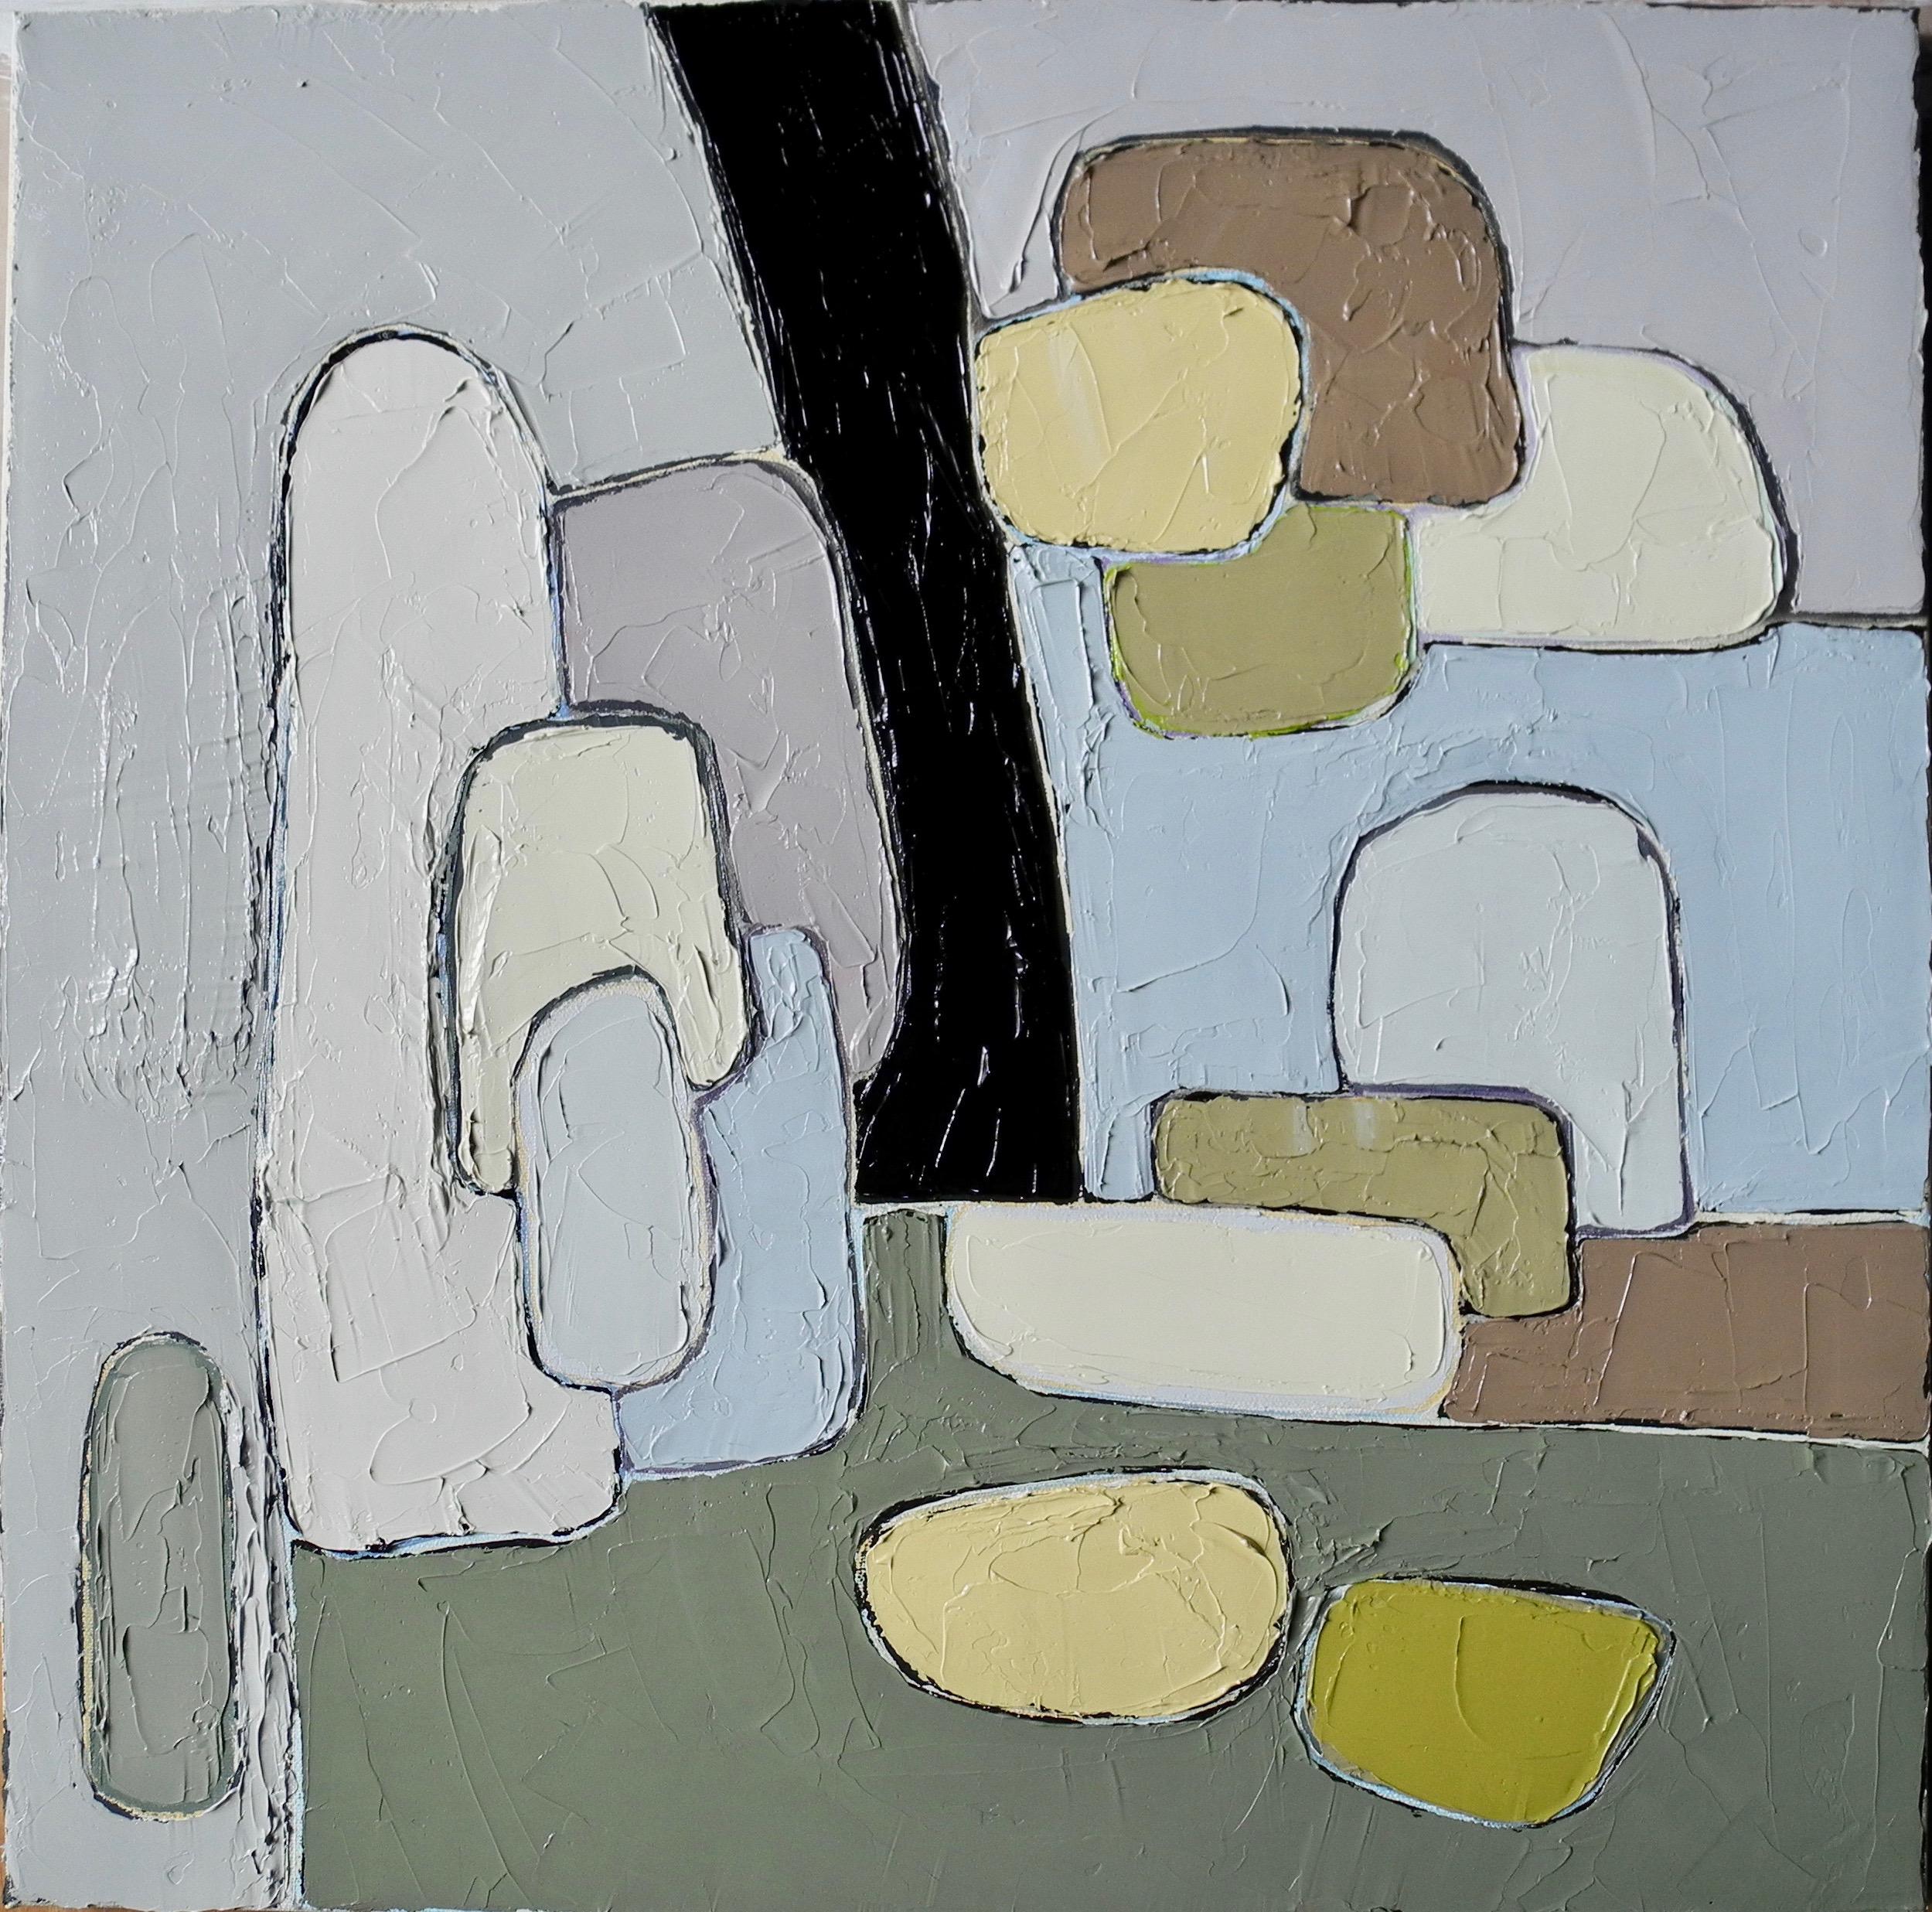 Composition #30